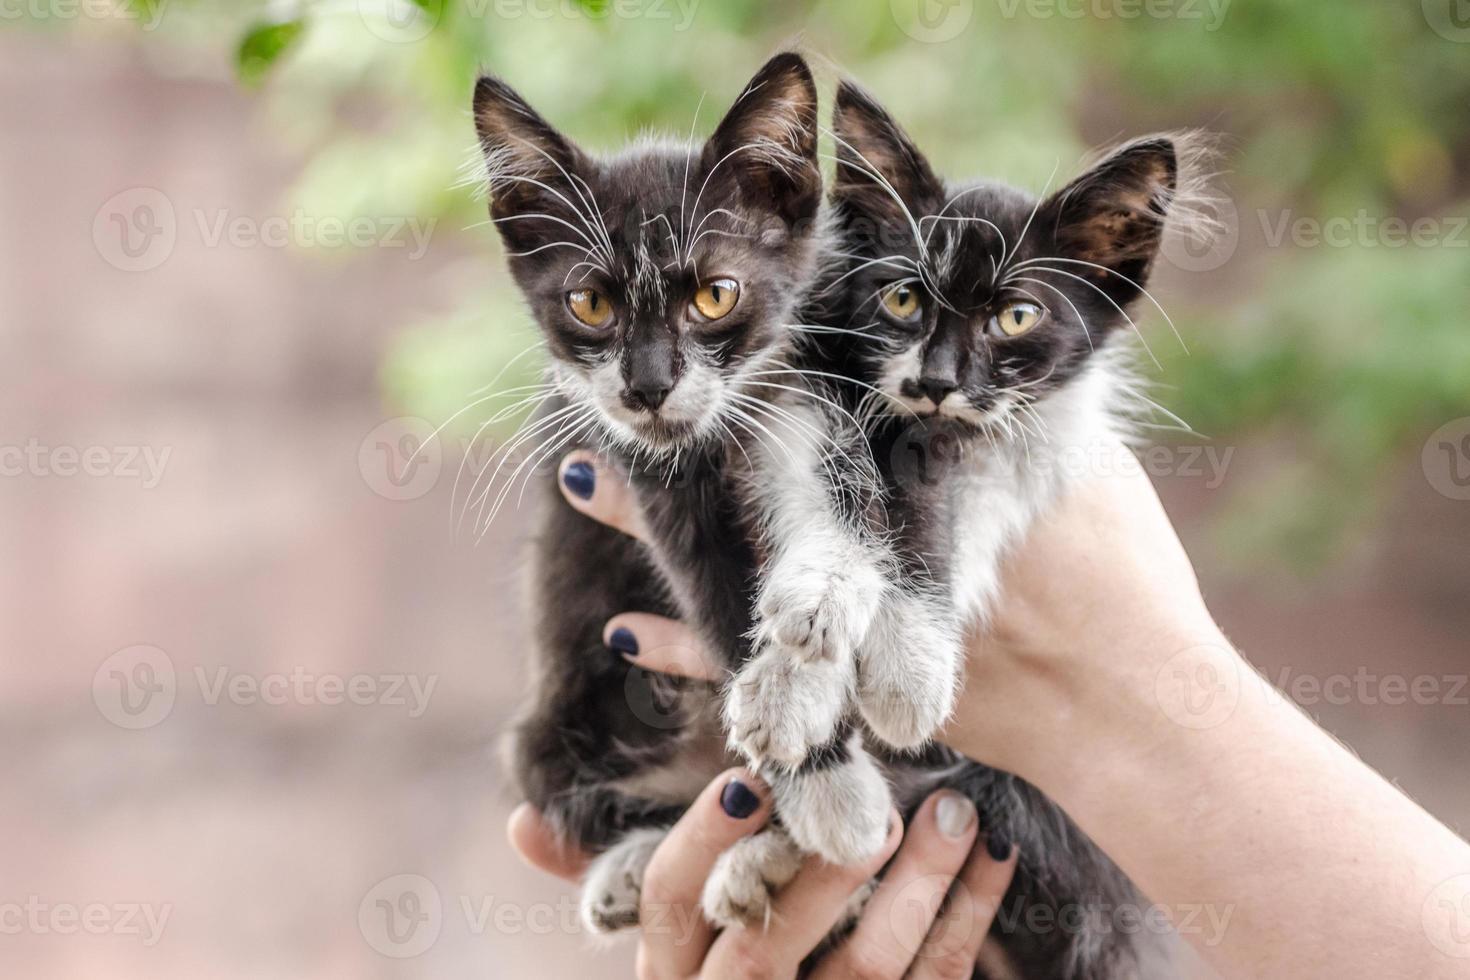 twee zwart-witte kittens in handen foto